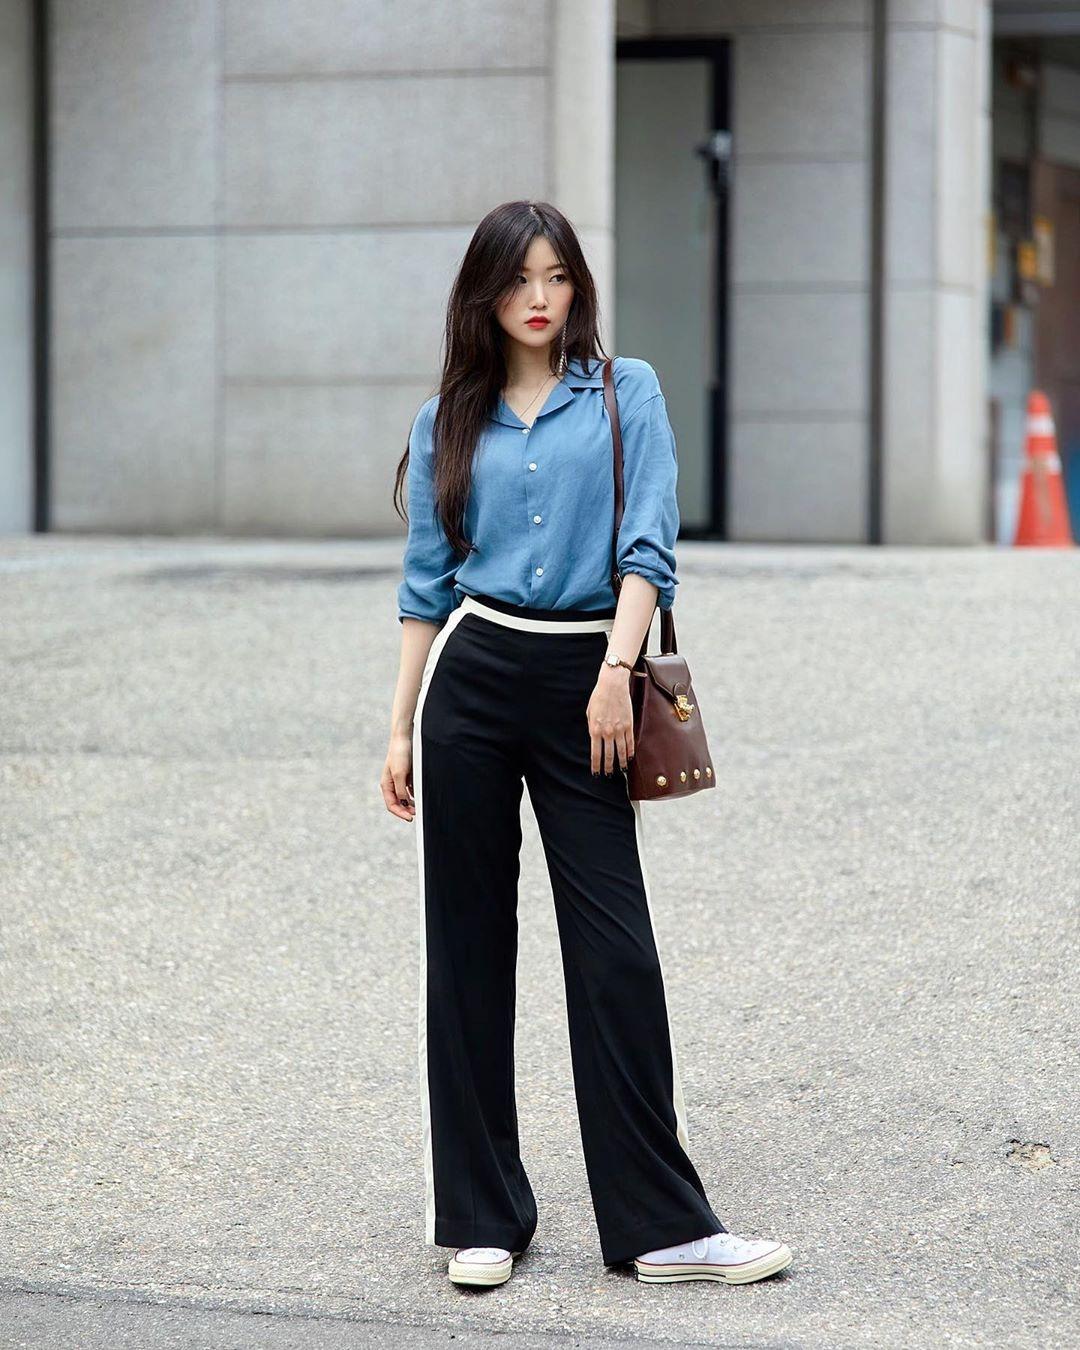 Thời trang đời thường của các cô gái xứ kim chi cũng chịu ảnh hưởng nhiều từ phong cách công sở thanh lịch, tuy nhiên được biến tấu theo hướng trẻ trung hơn. Không khó để bắt gặp những item quen thuộc như sơ mi, quần vải, quần suông...